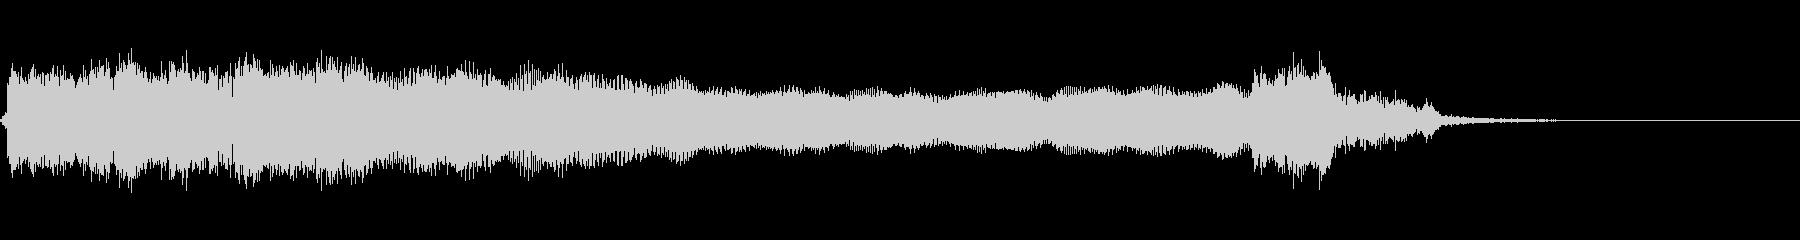 アグレッシブリック5の未再生の波形